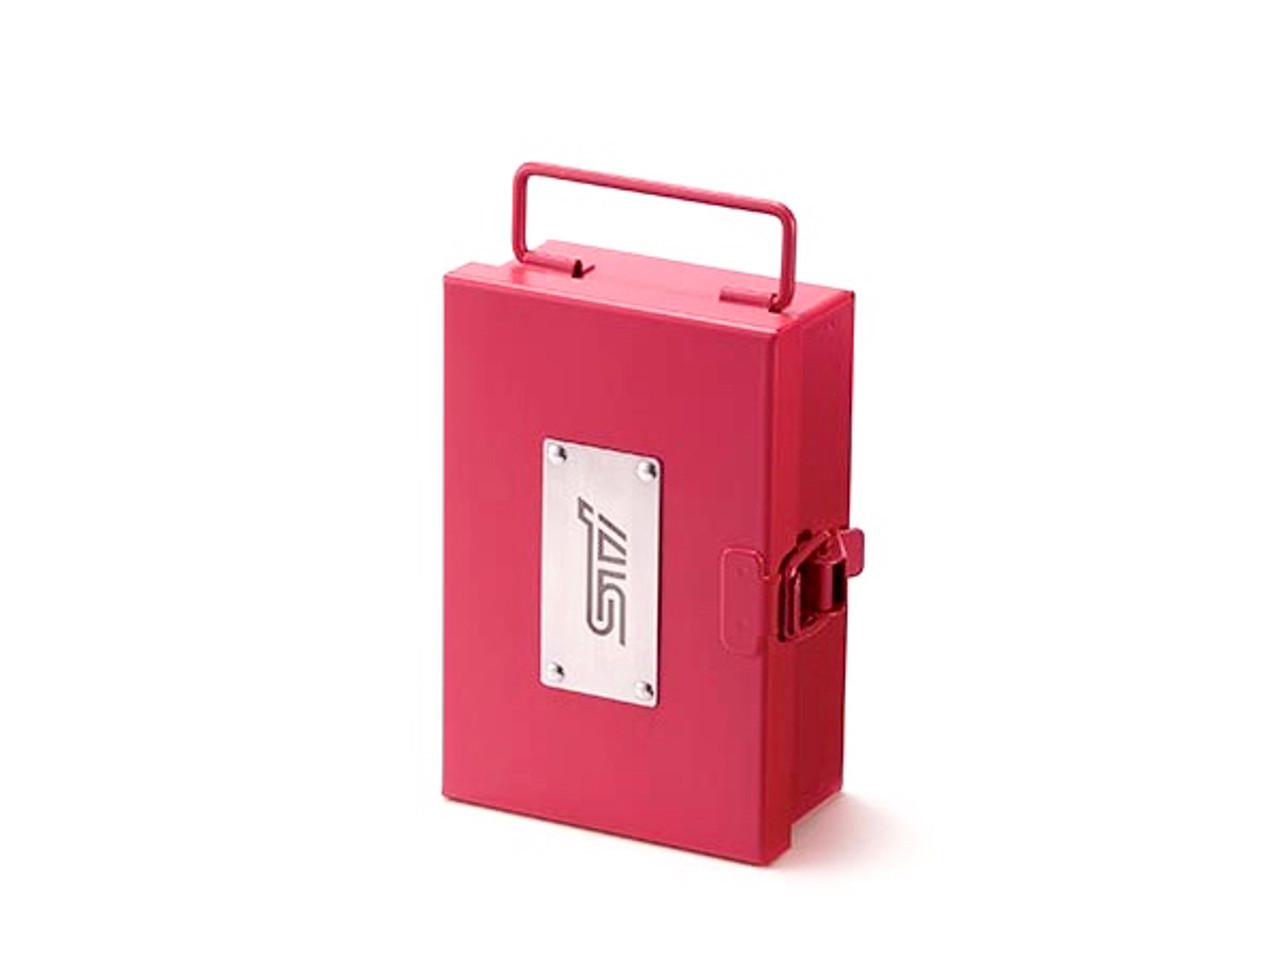 STI Steel Storage Box Small STSG18100220 Upright at AVOJDM.com